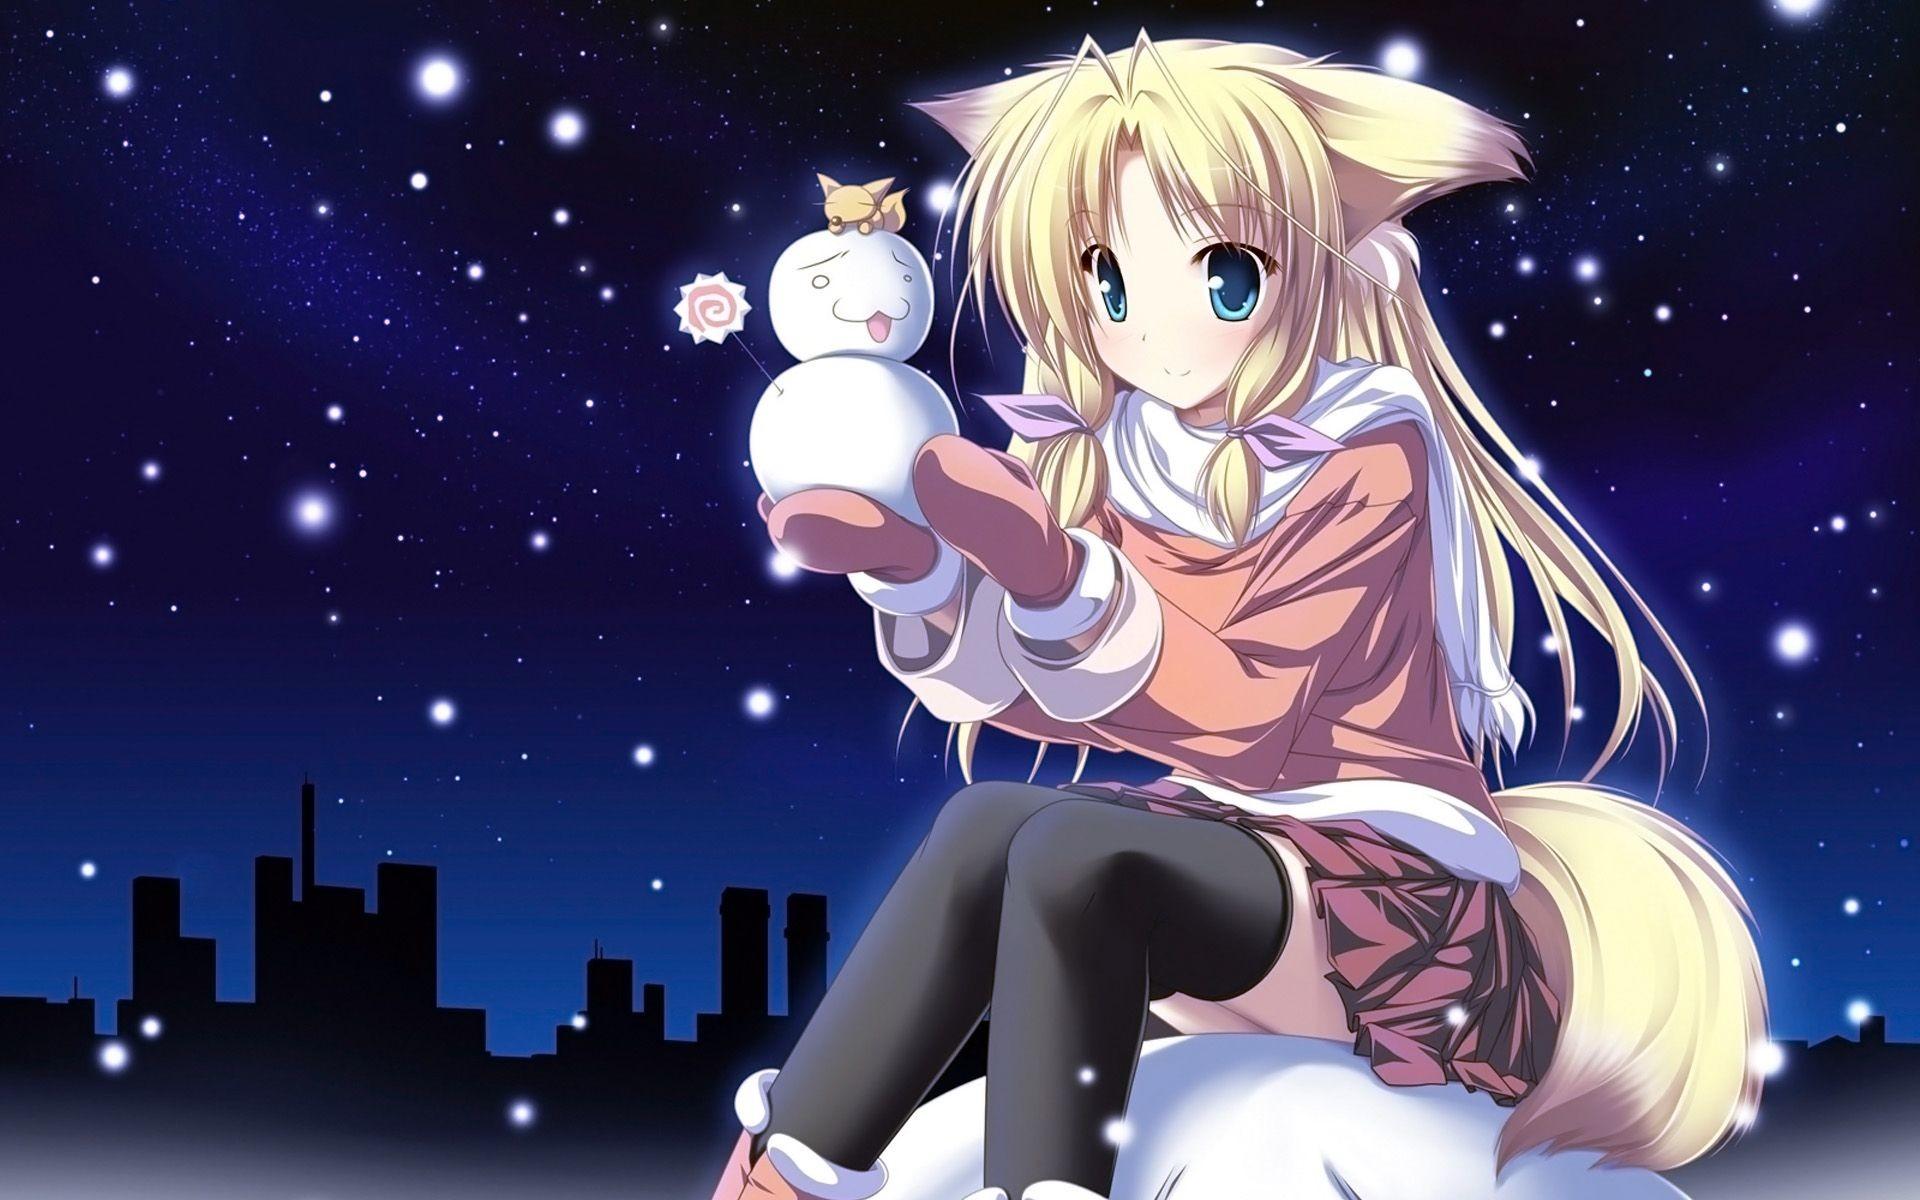 Ảnh nền Anime đẹp Full HD